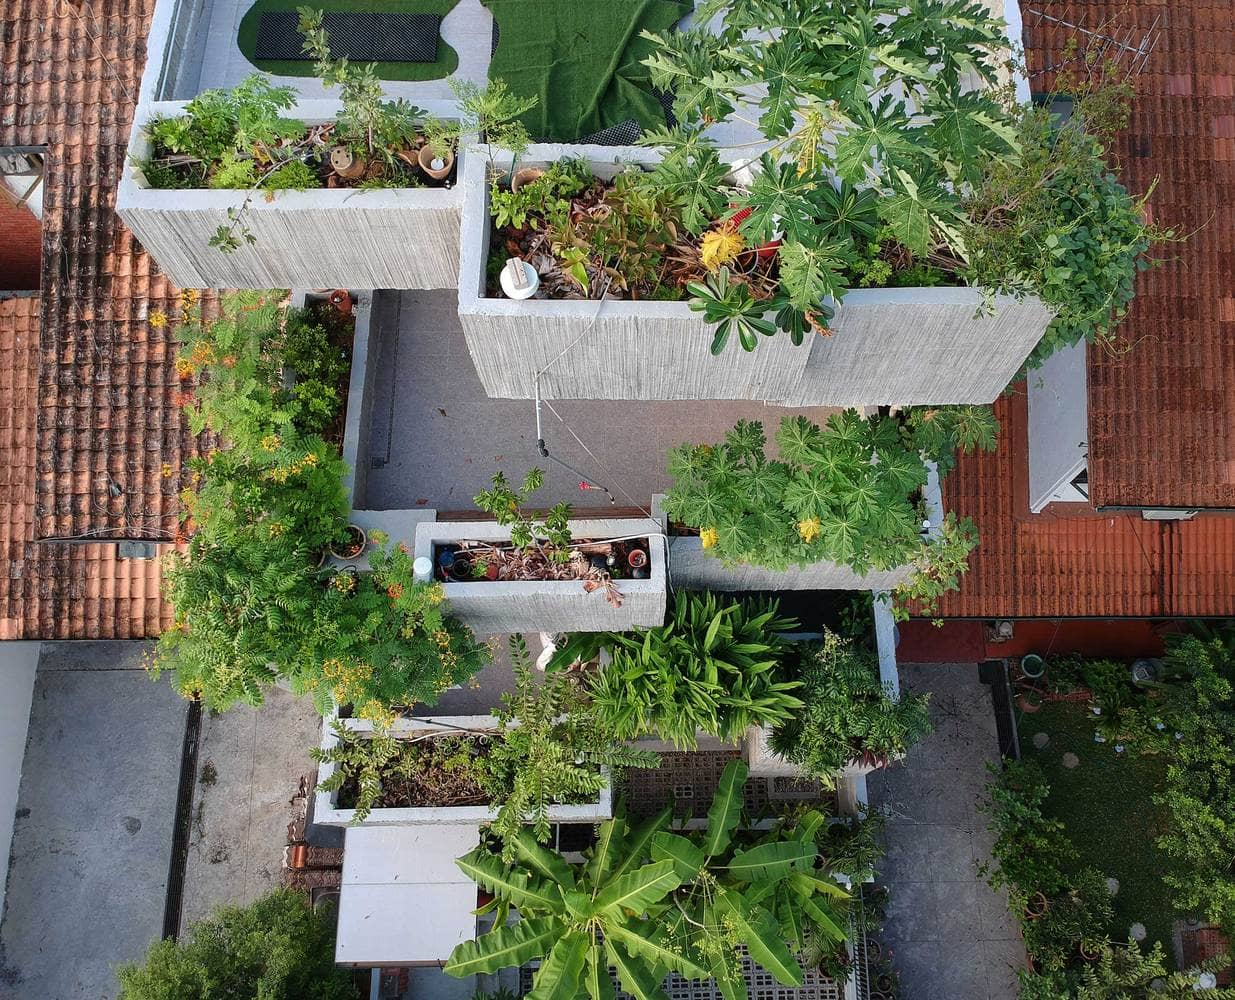 Rumah 'Planter Box' Di Reka Penuh Gaya Hidup Pemilik 2